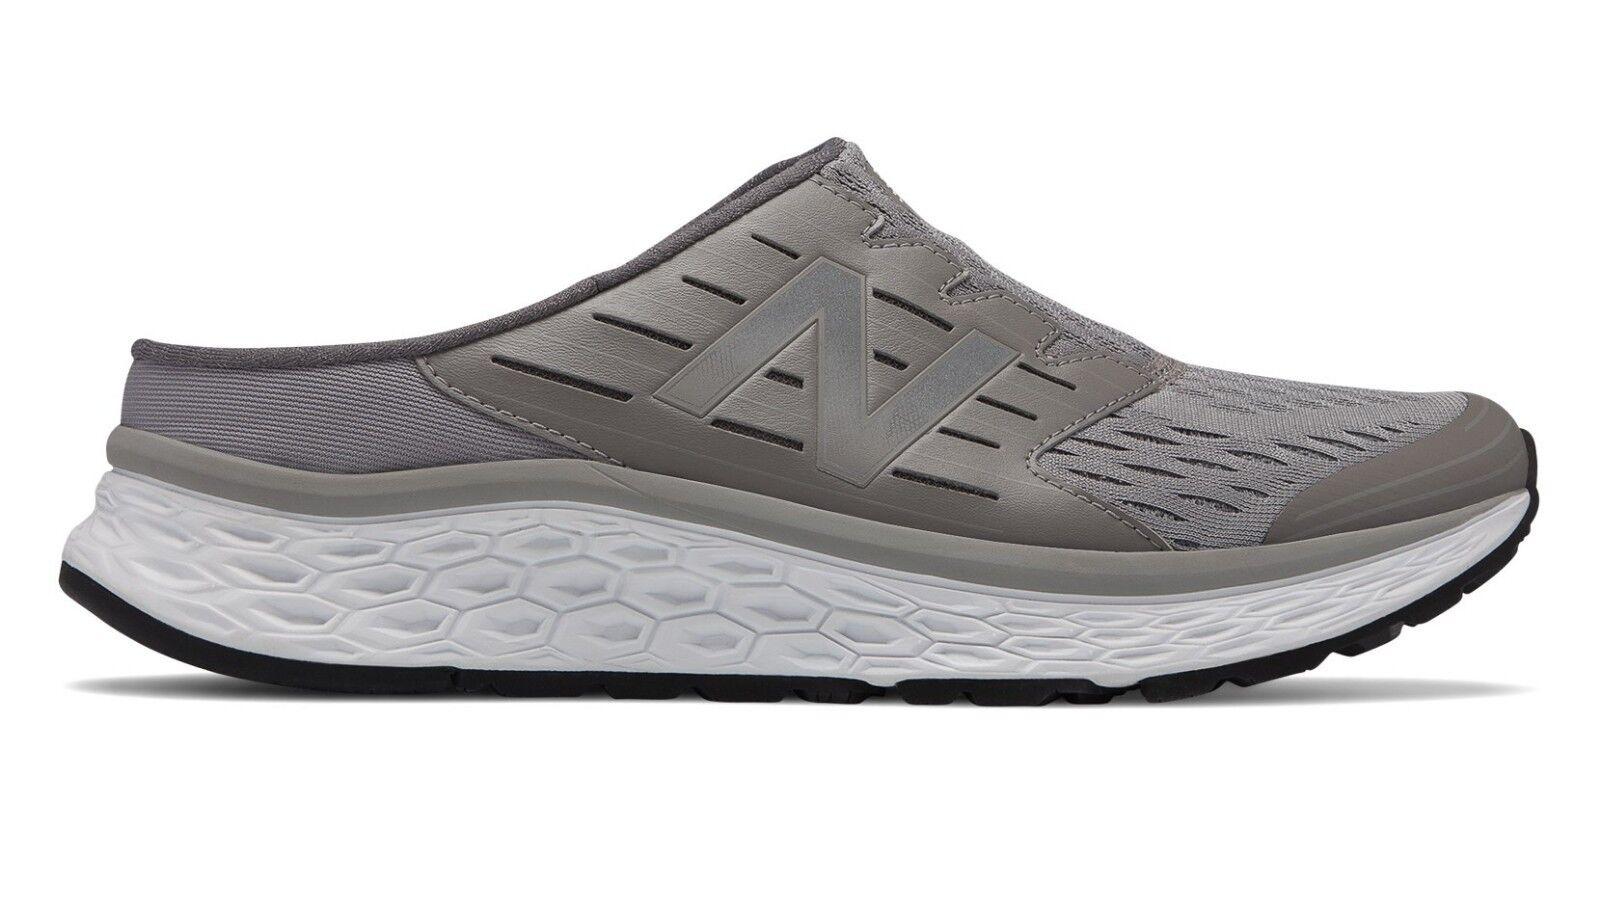 MA900GY para Hombre Deportivos New Balance Slip 900 gris Resbalón en Zapatos para caminar